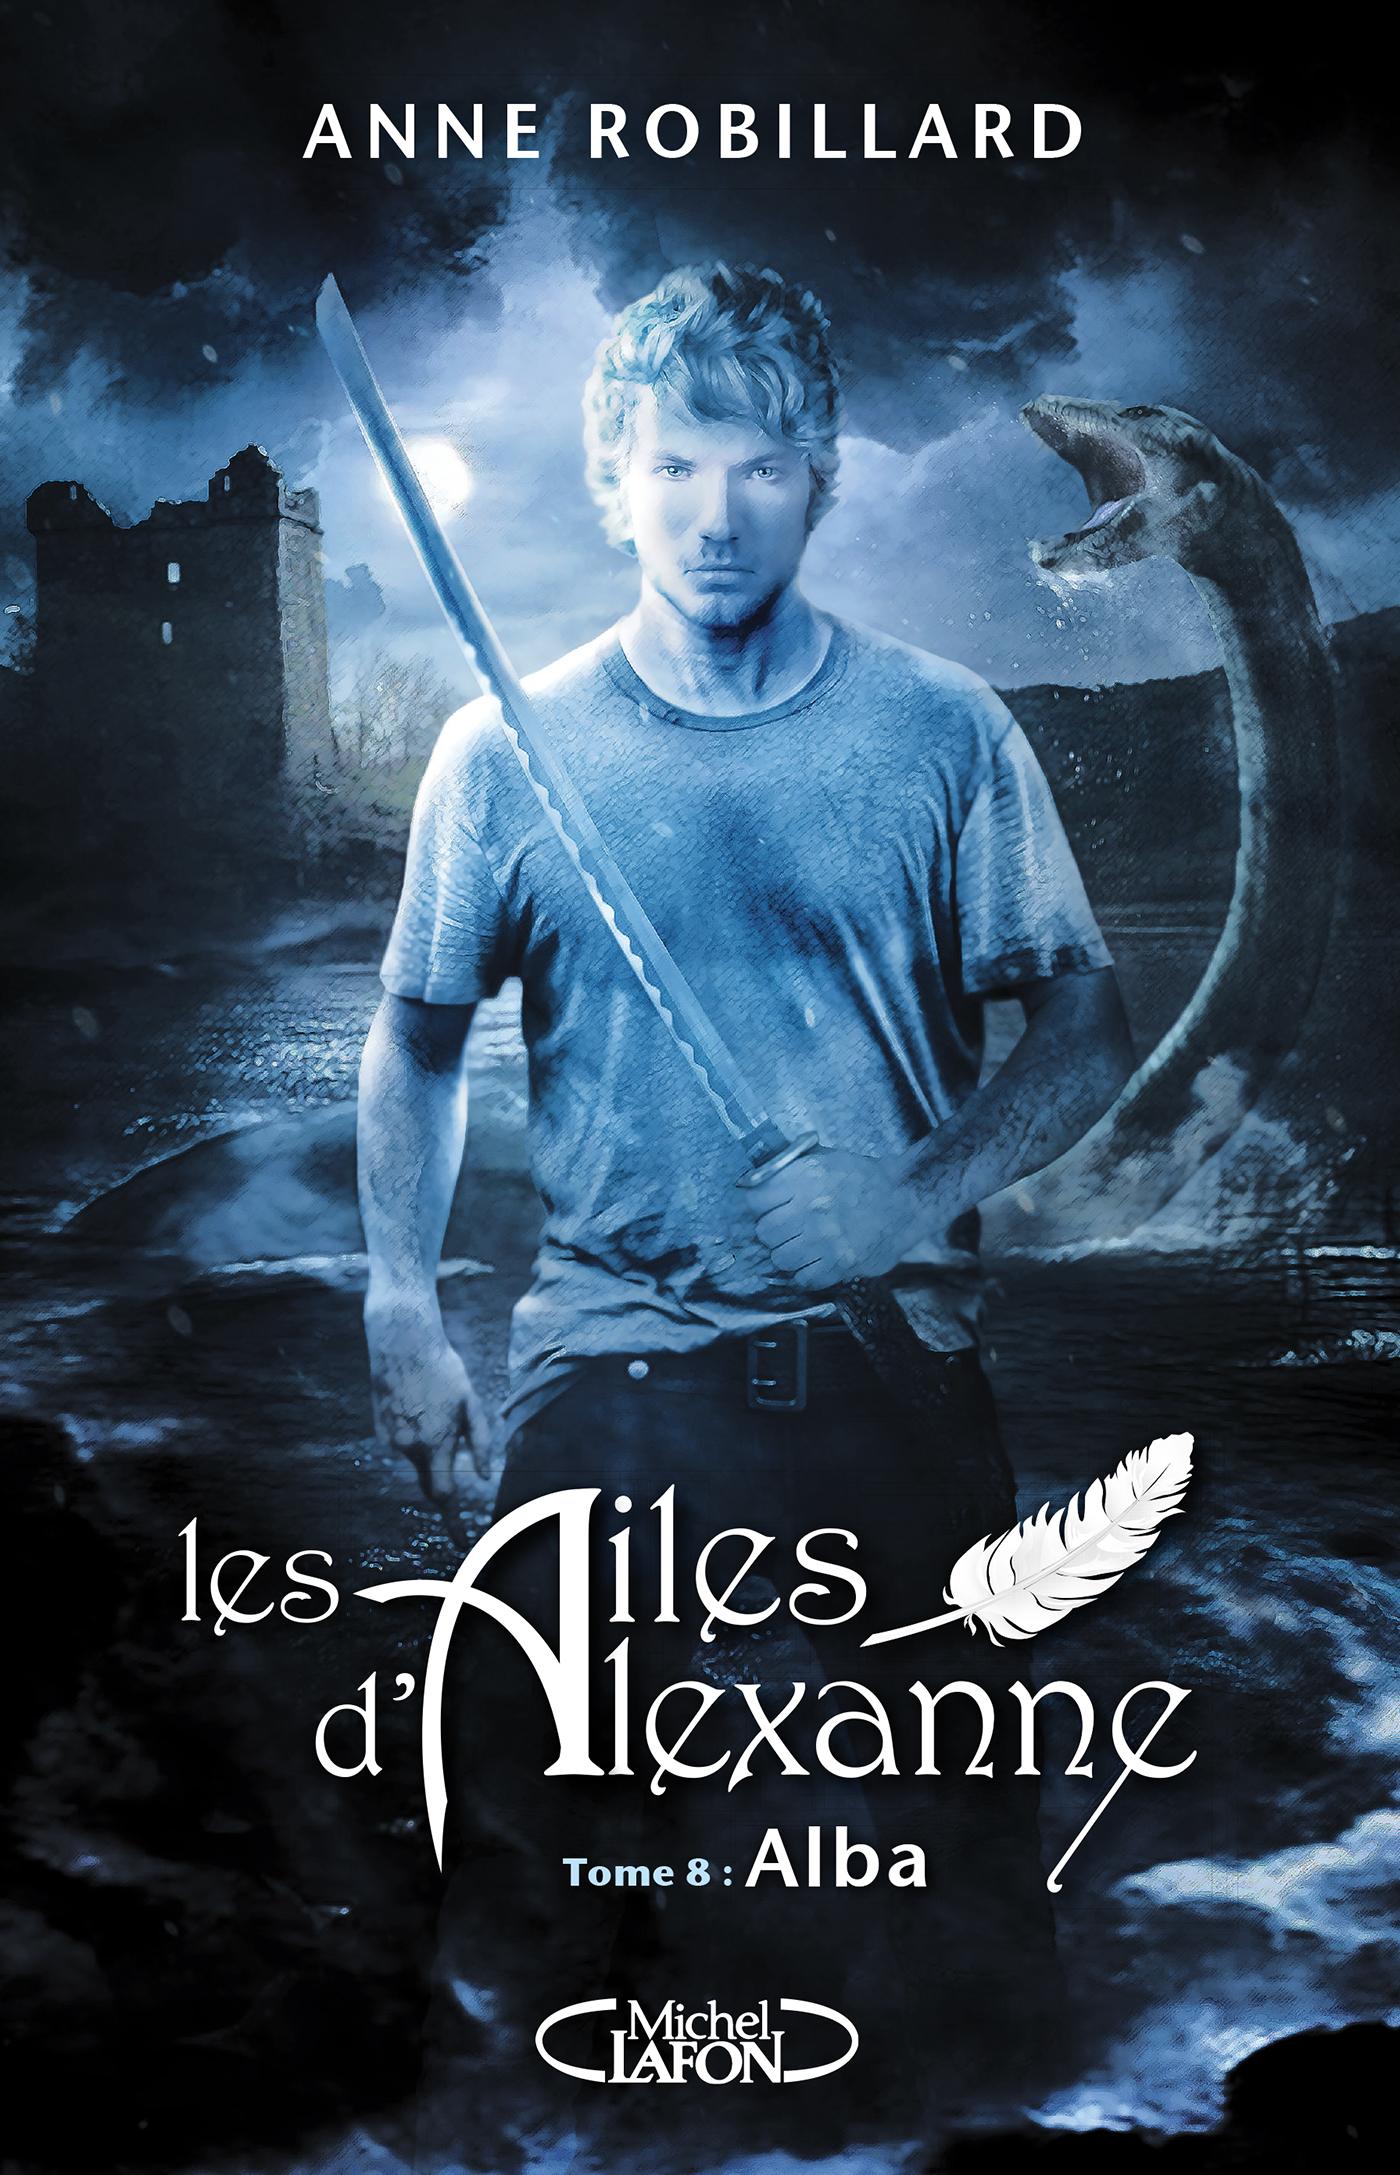 LES AILES D'ALEXANNE – Tome 8